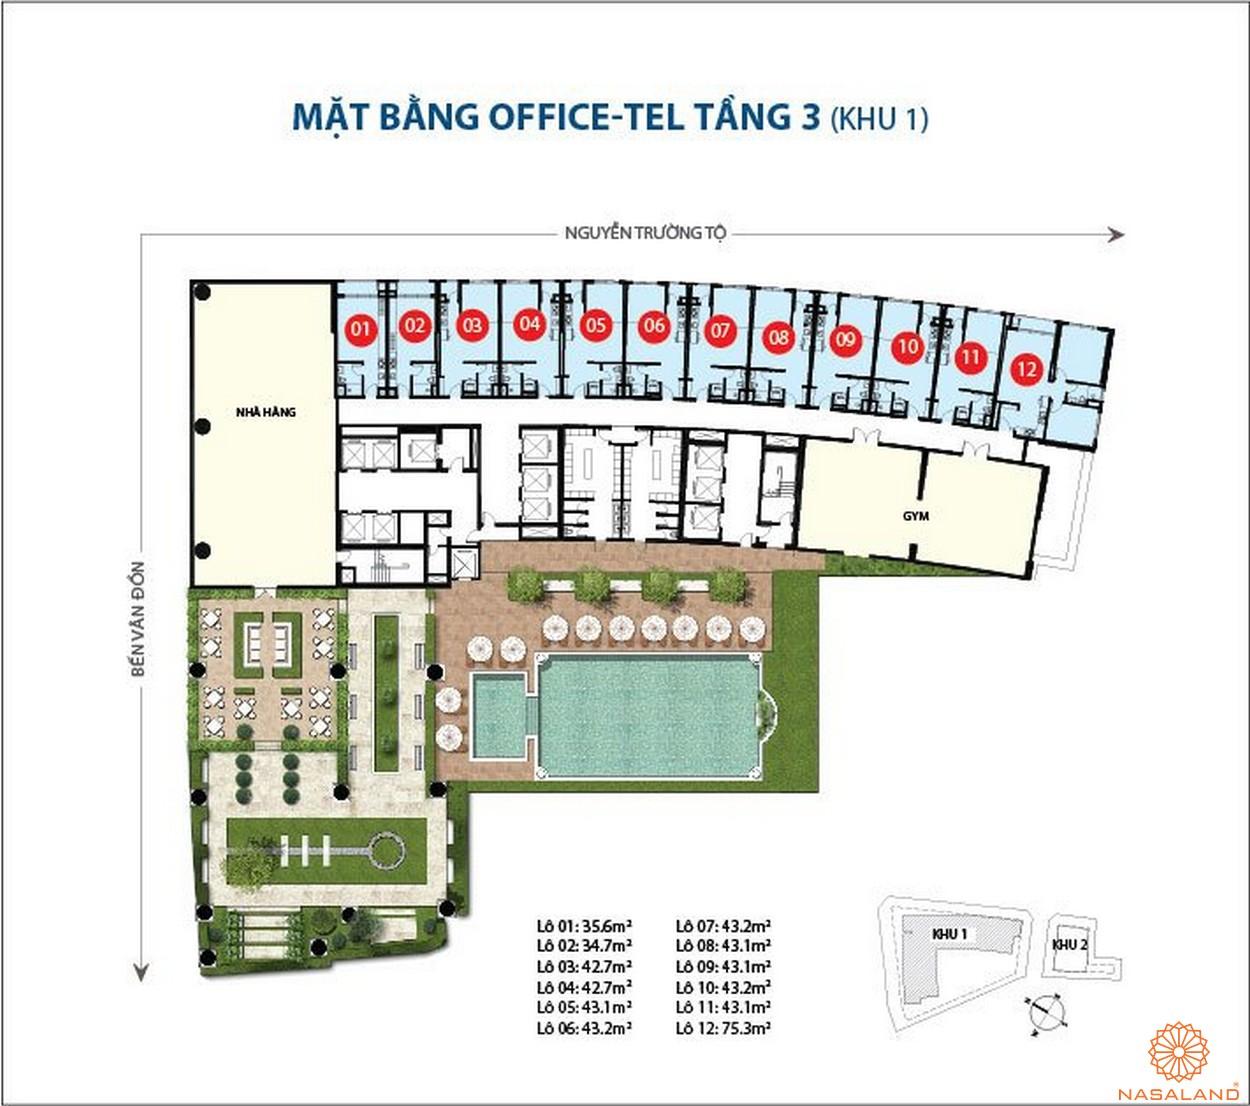 Mặt bằng dự án căn hộ Saigon Royal quận 4 chủ đầu tư Novaland